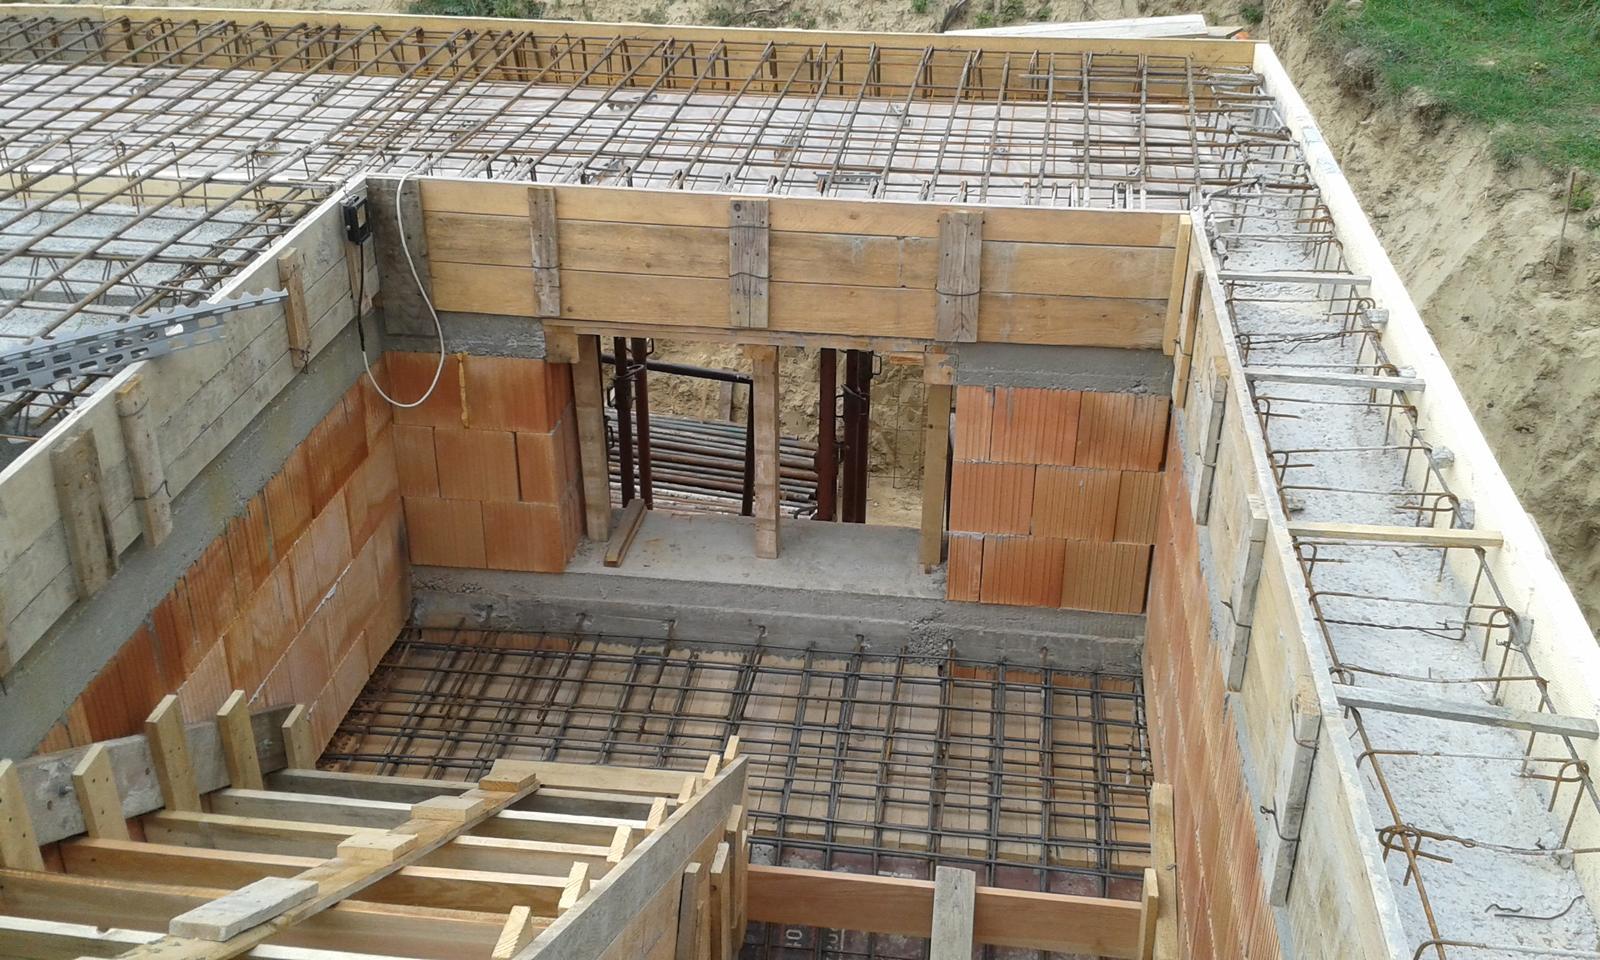 Prízemie - Detail schodisko a okno na schodisku. Za schodiskom bude šatník schovaný.